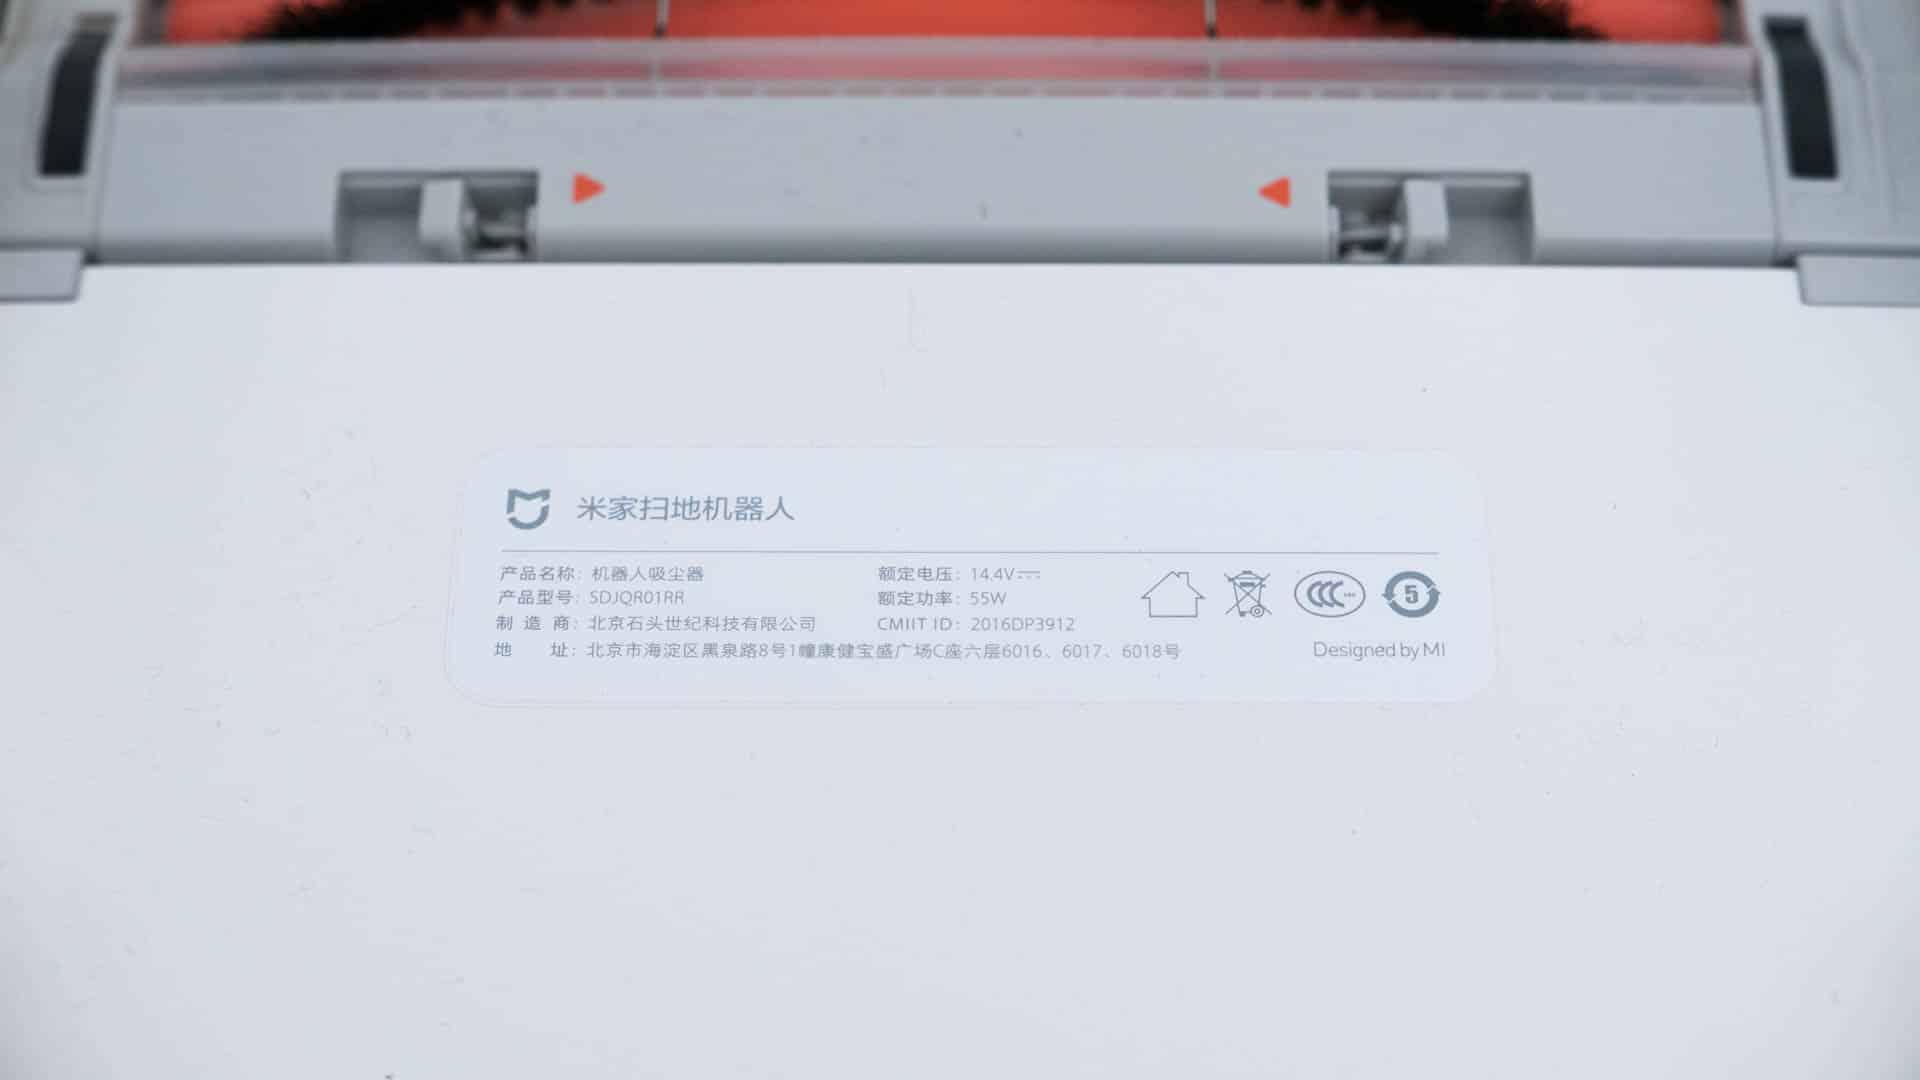 Xiaomi-Mi-Staubsauger-Roboter-im-Test-Etikett